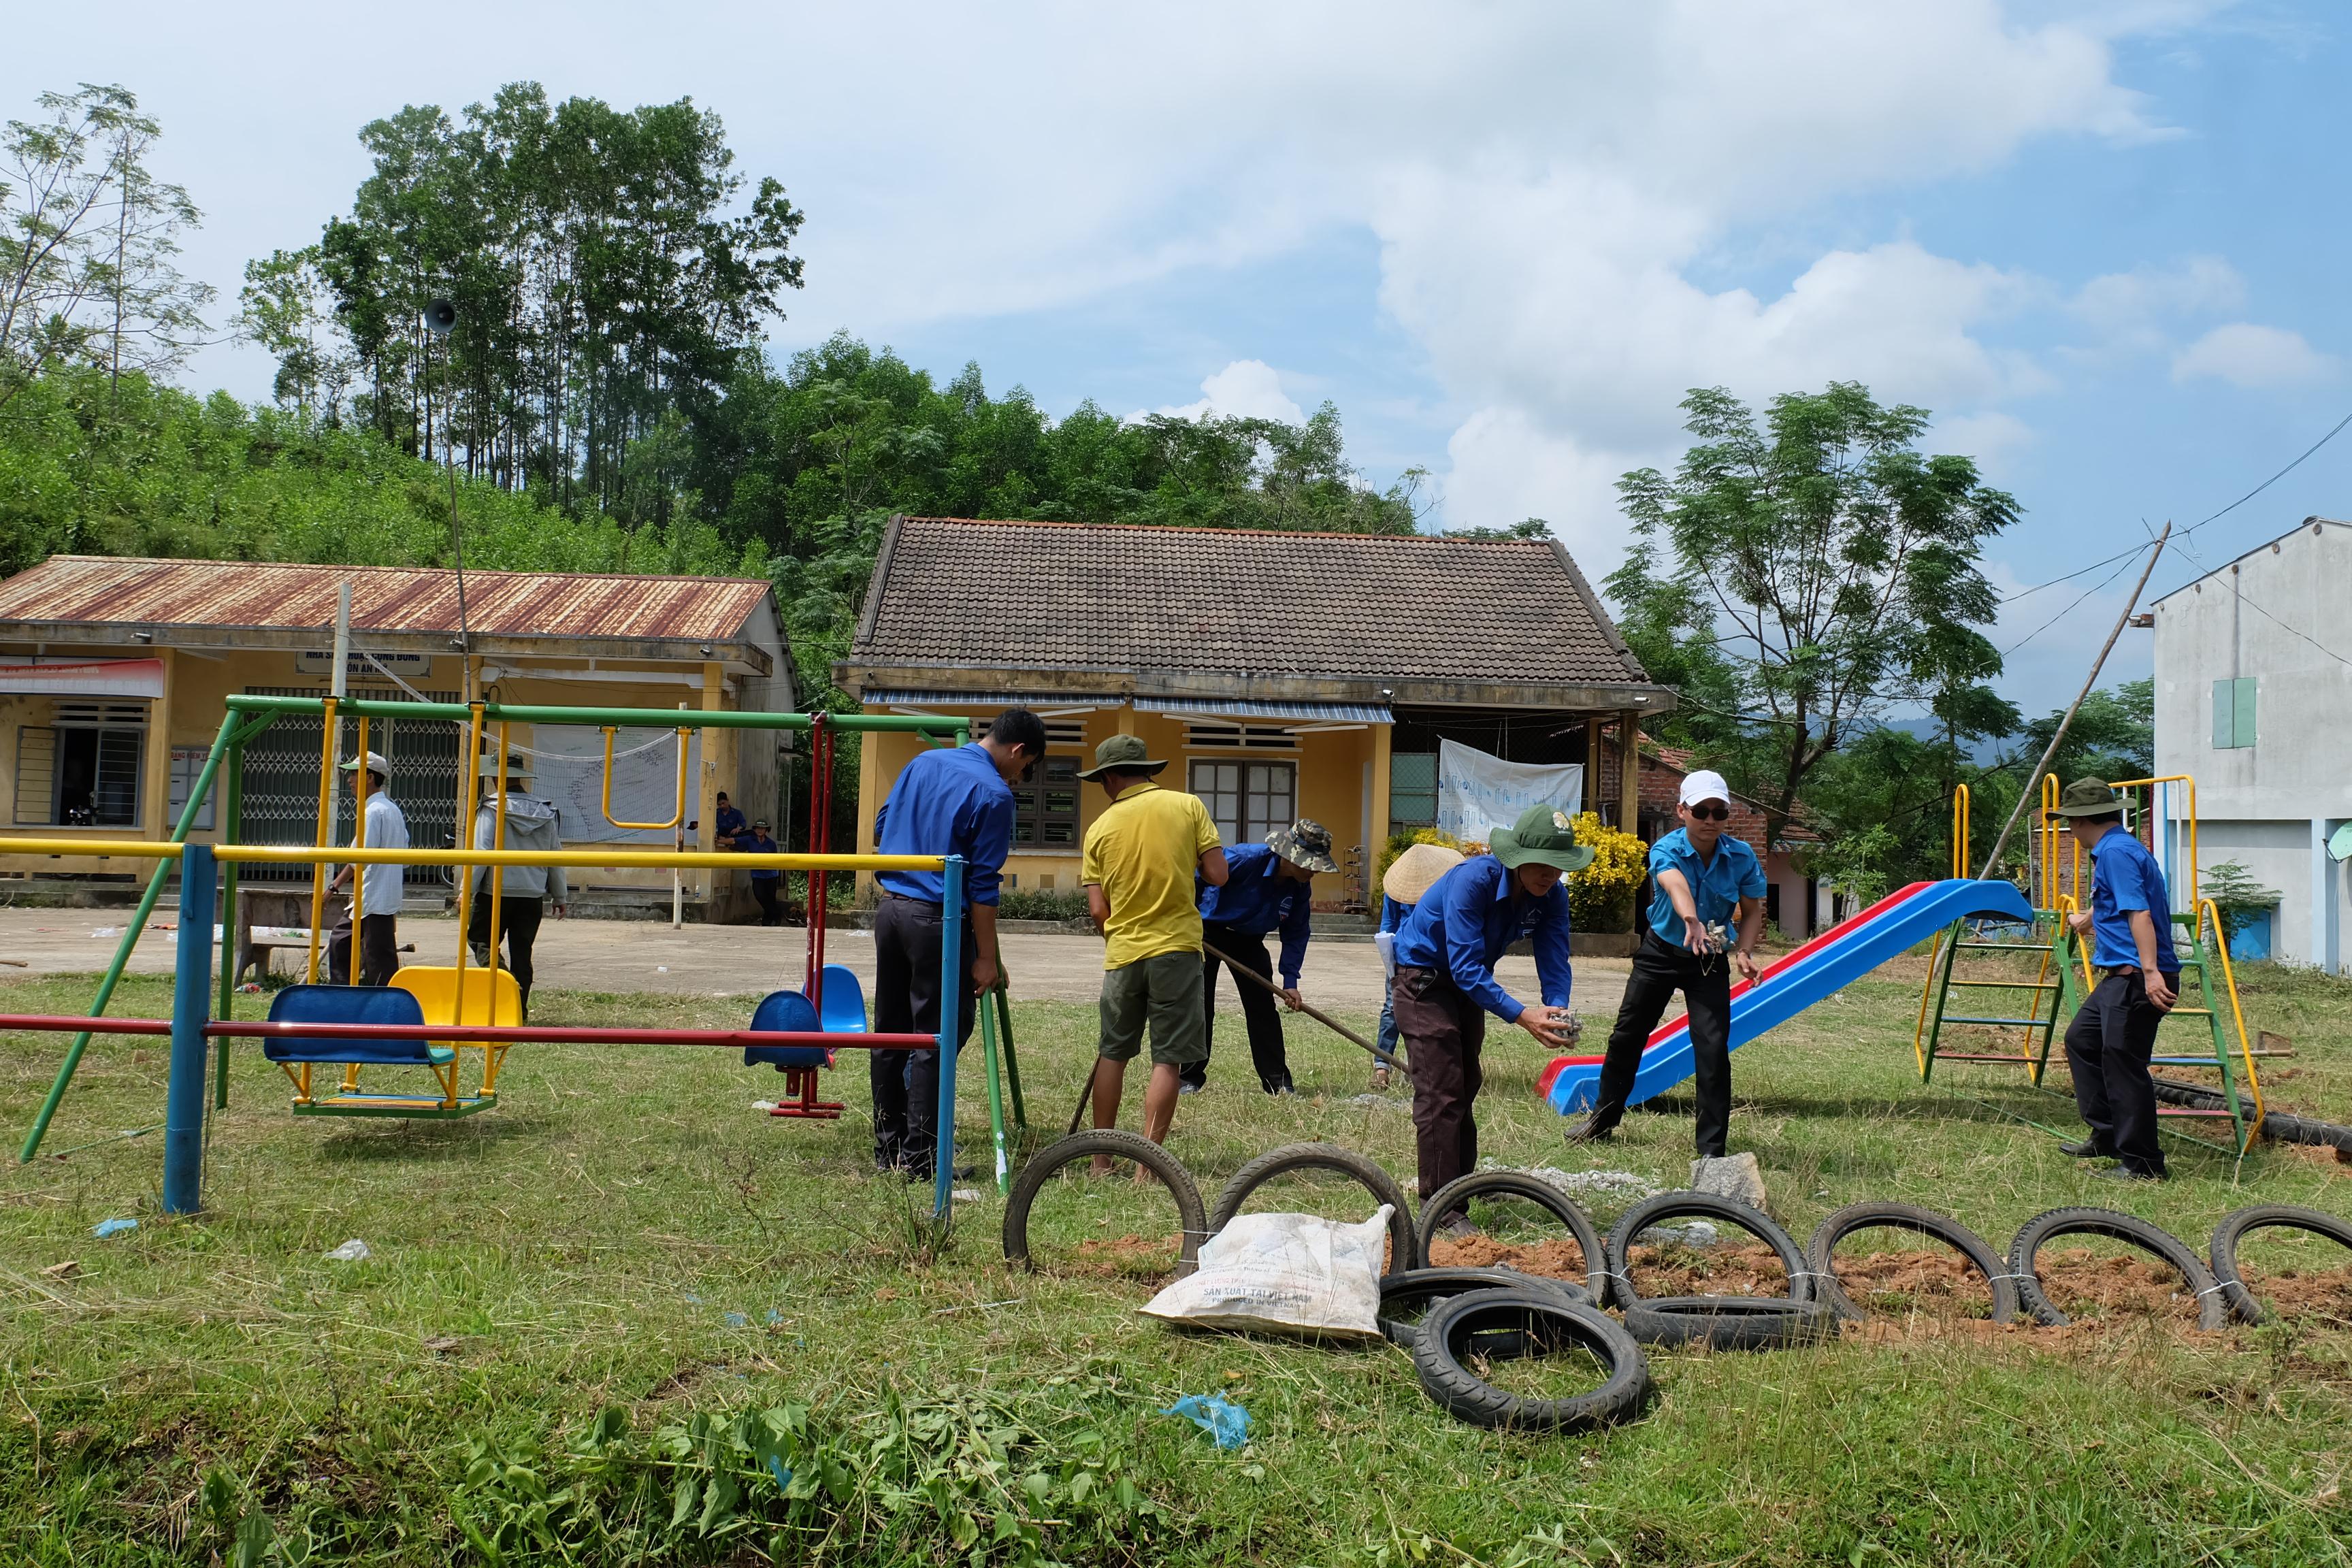 Xây dựng khu vui chơi tại nhà sinh hoạt cộng đồng thôn An Mỹ, xã Thăng Phước. Ảnh: M.L